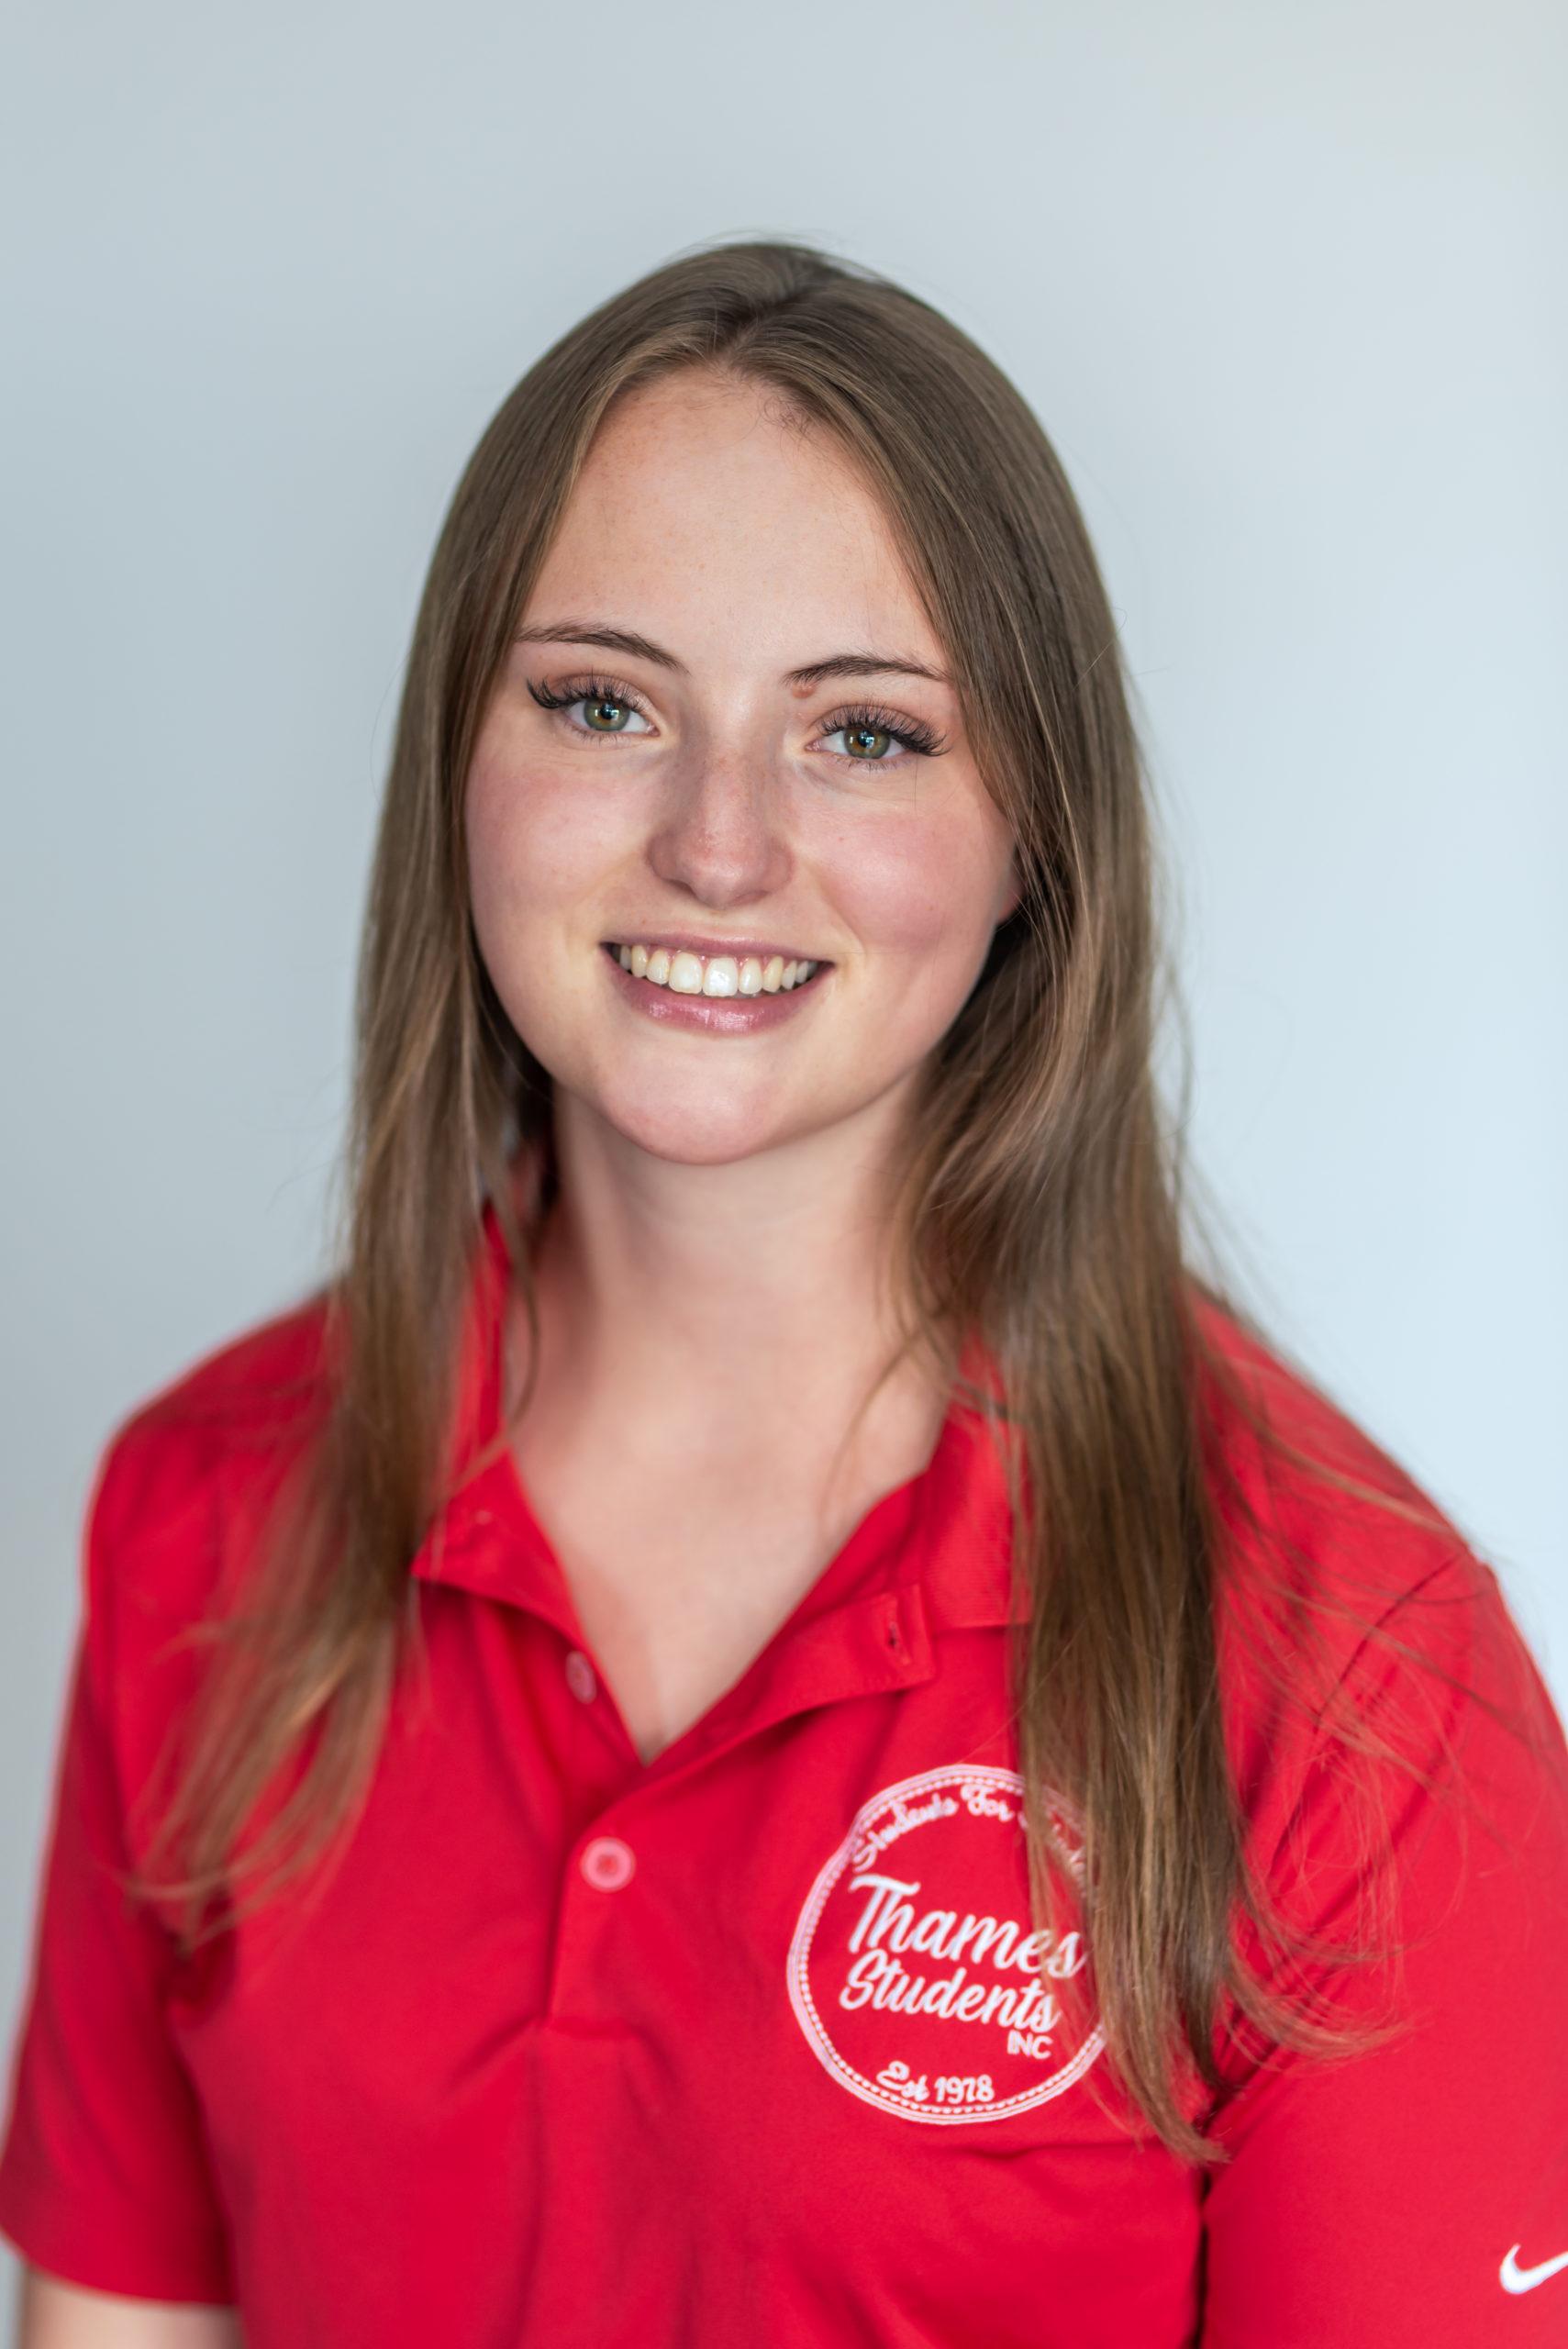 Hannah LaCroix